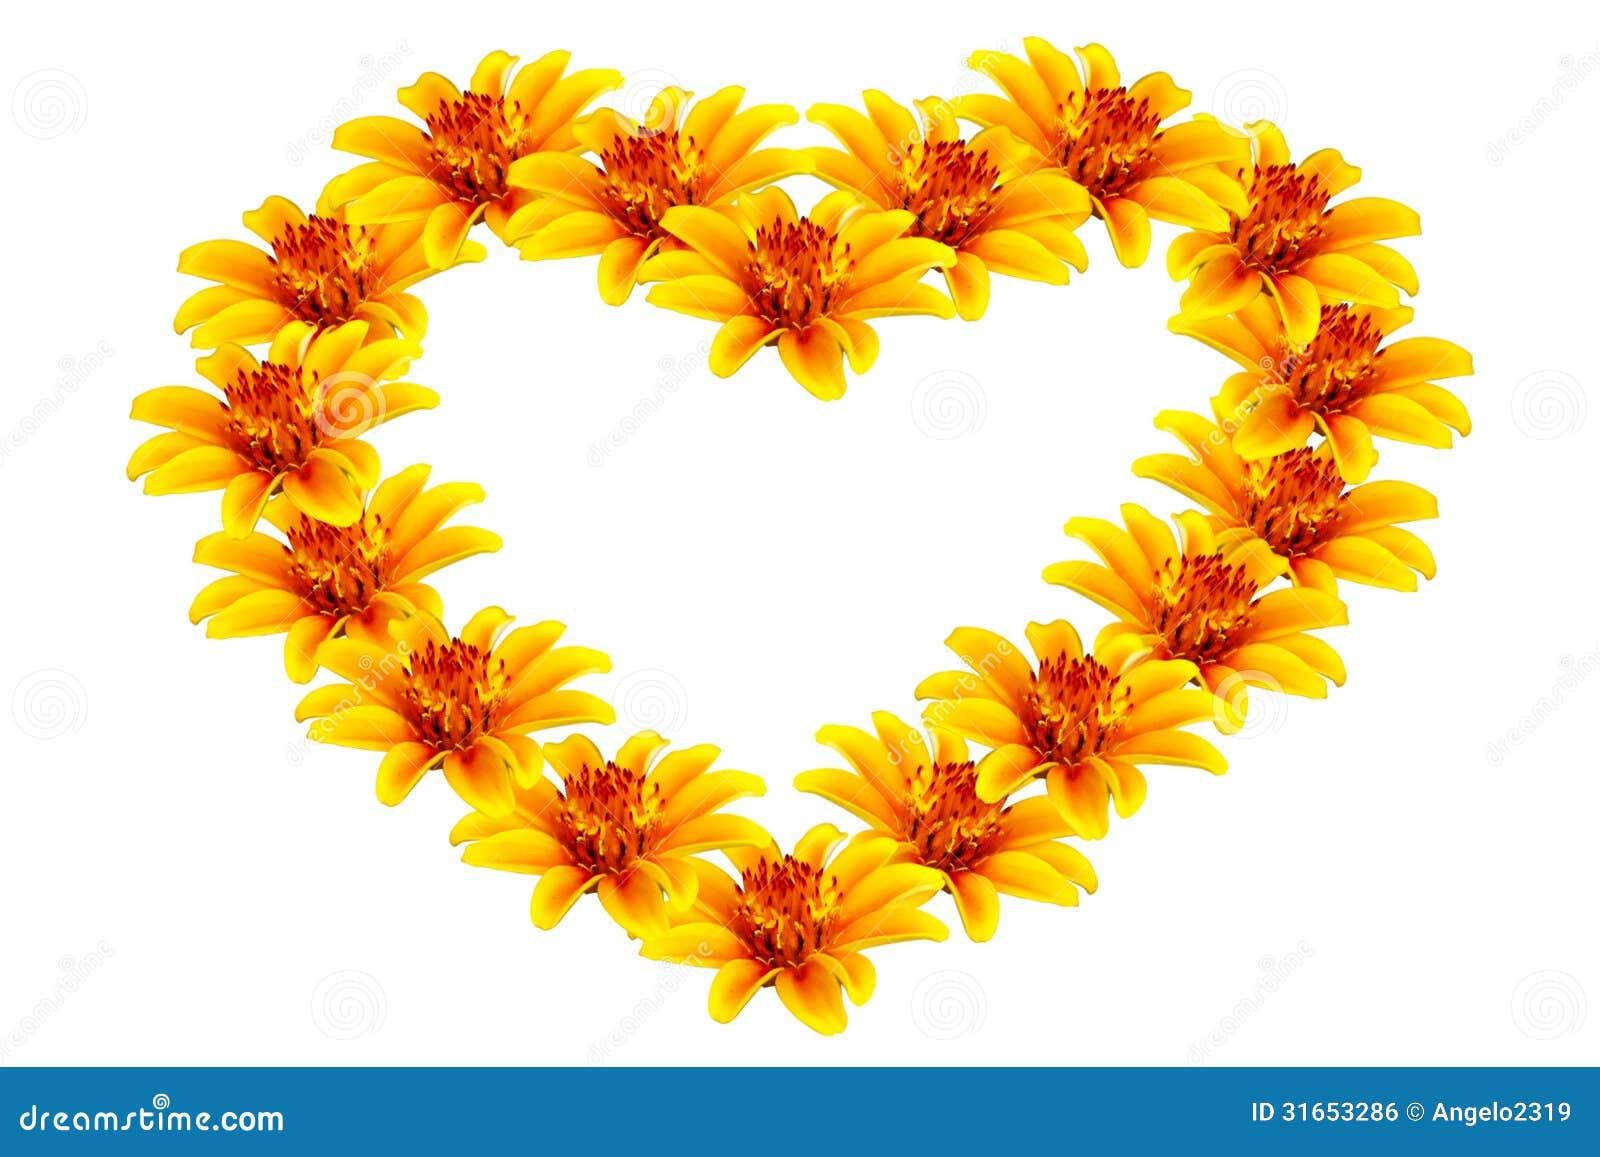 Belles fleurs jaunes en forme de coeur image libre de droits image 31653286 - Fleurs en forme de coeur ...